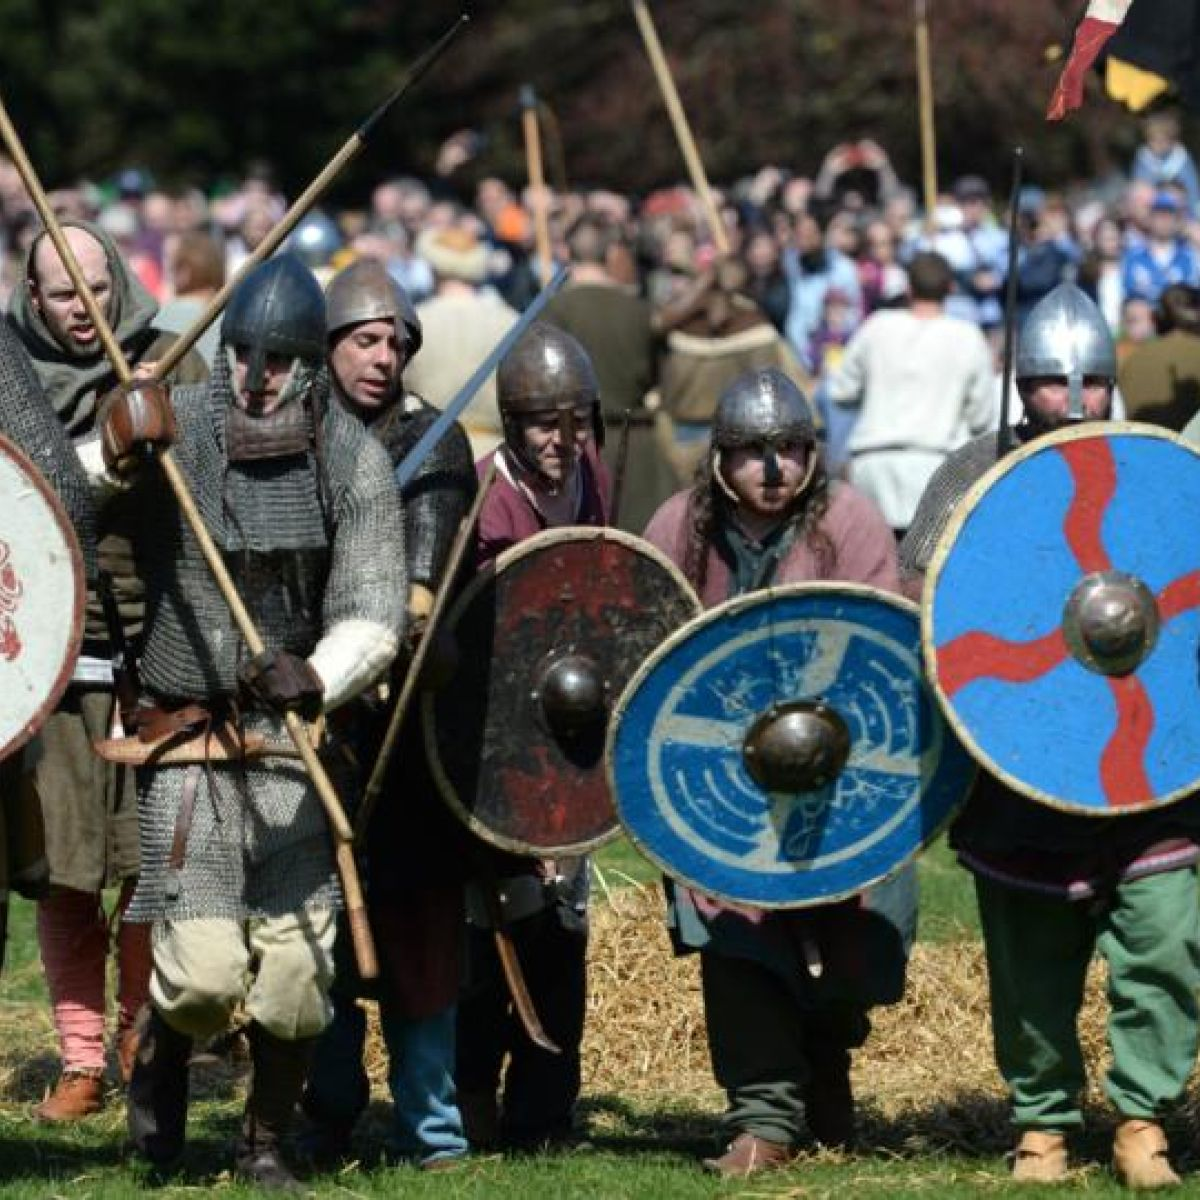 Battle of Clontarf re-enactment attracts 40,000 spectators